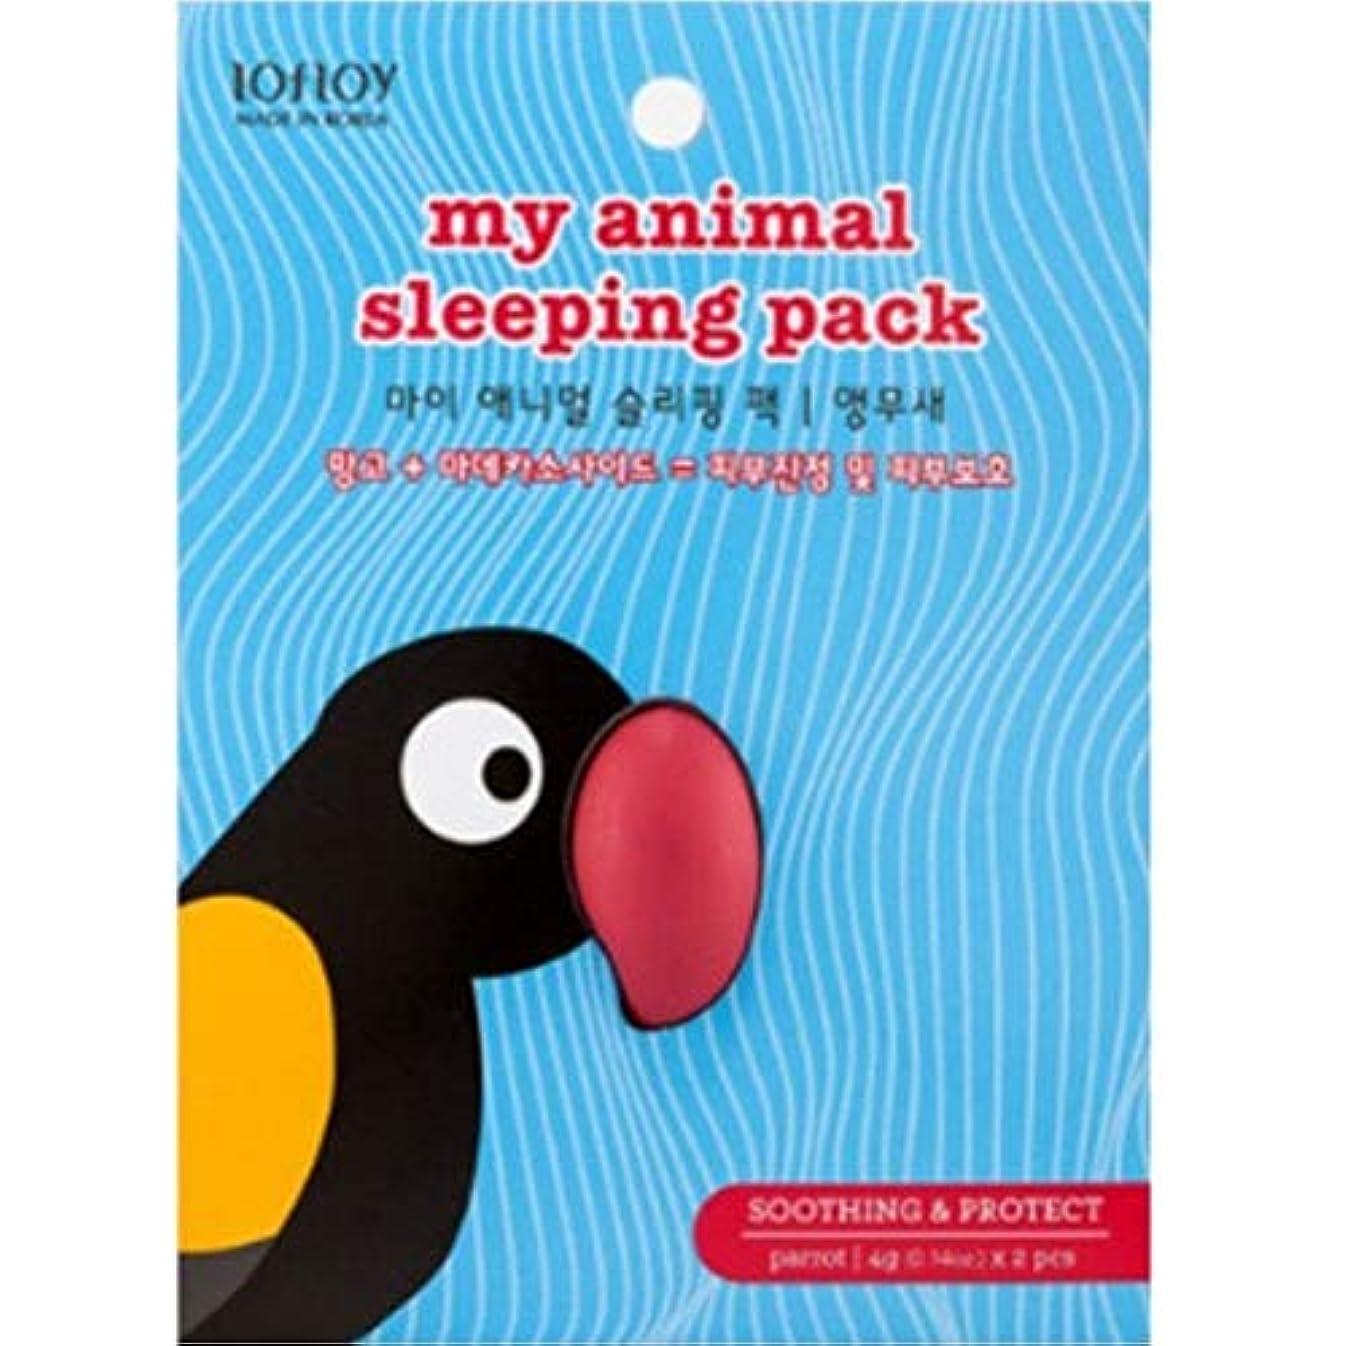 教慎重過去LOFLOY My Animal Sleeping Pack Parrot CH1379393 4g x 2PCS [並行輸入品]